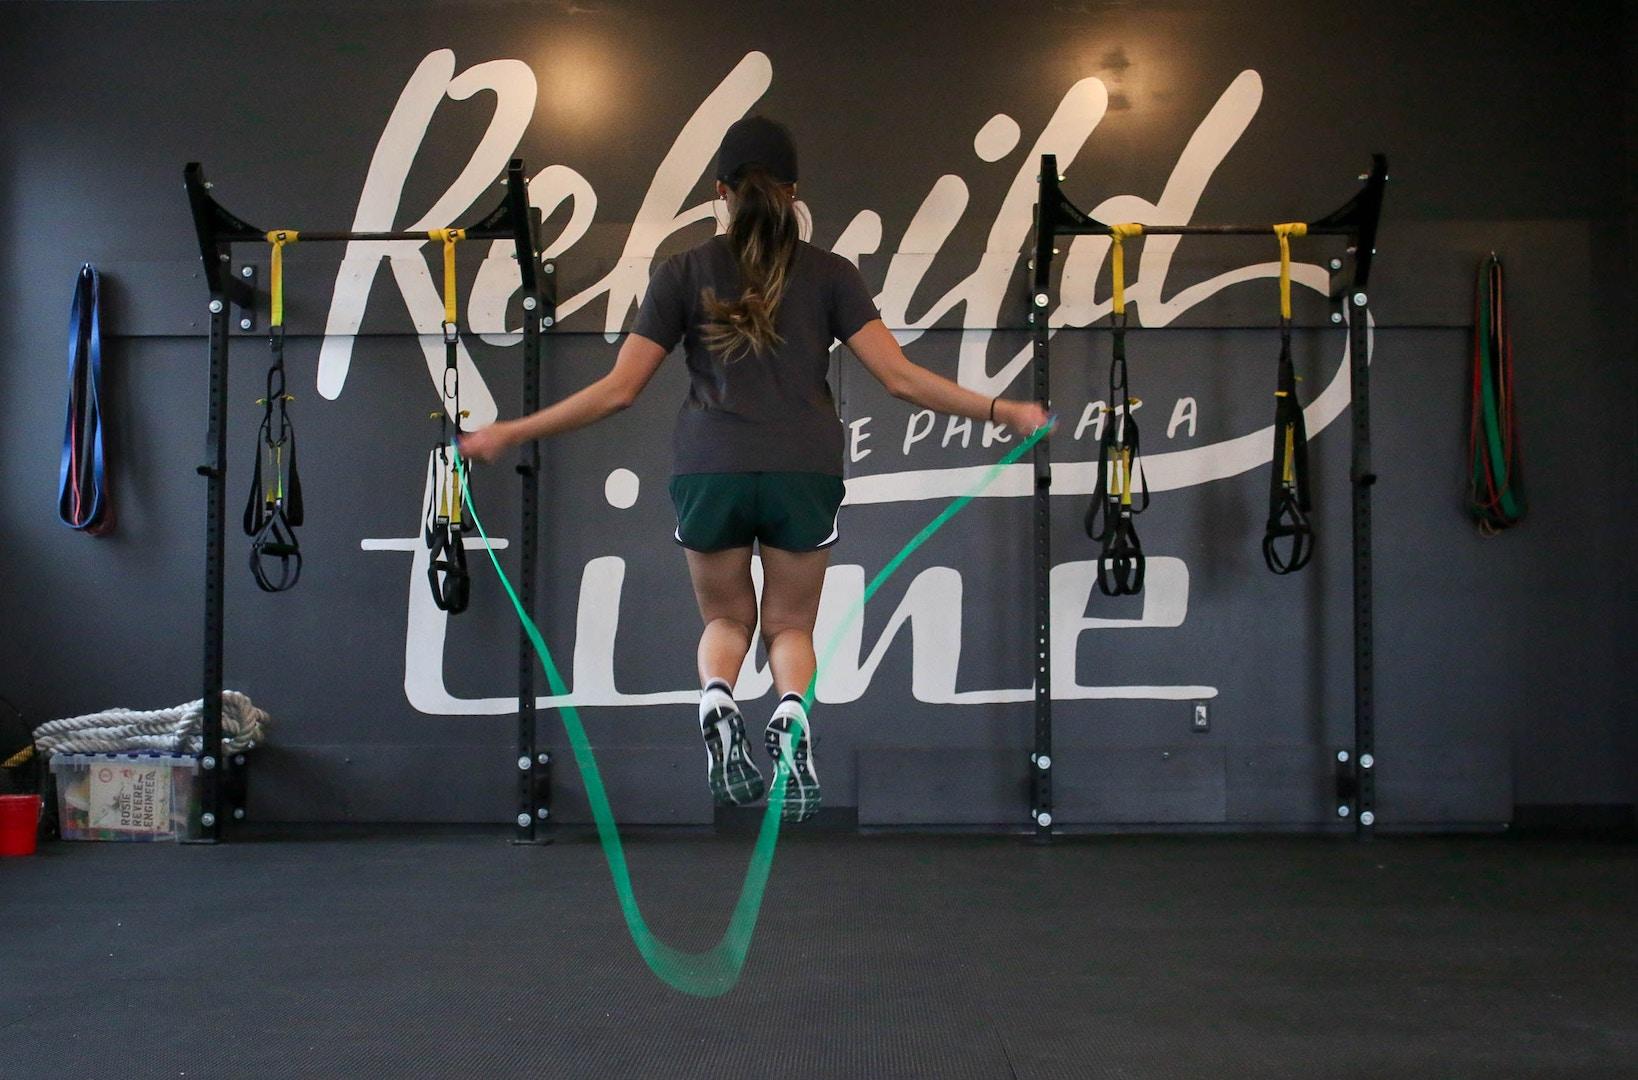 Zapachy do klubu fitness i siłowni podnoszą wydolność organizmu.